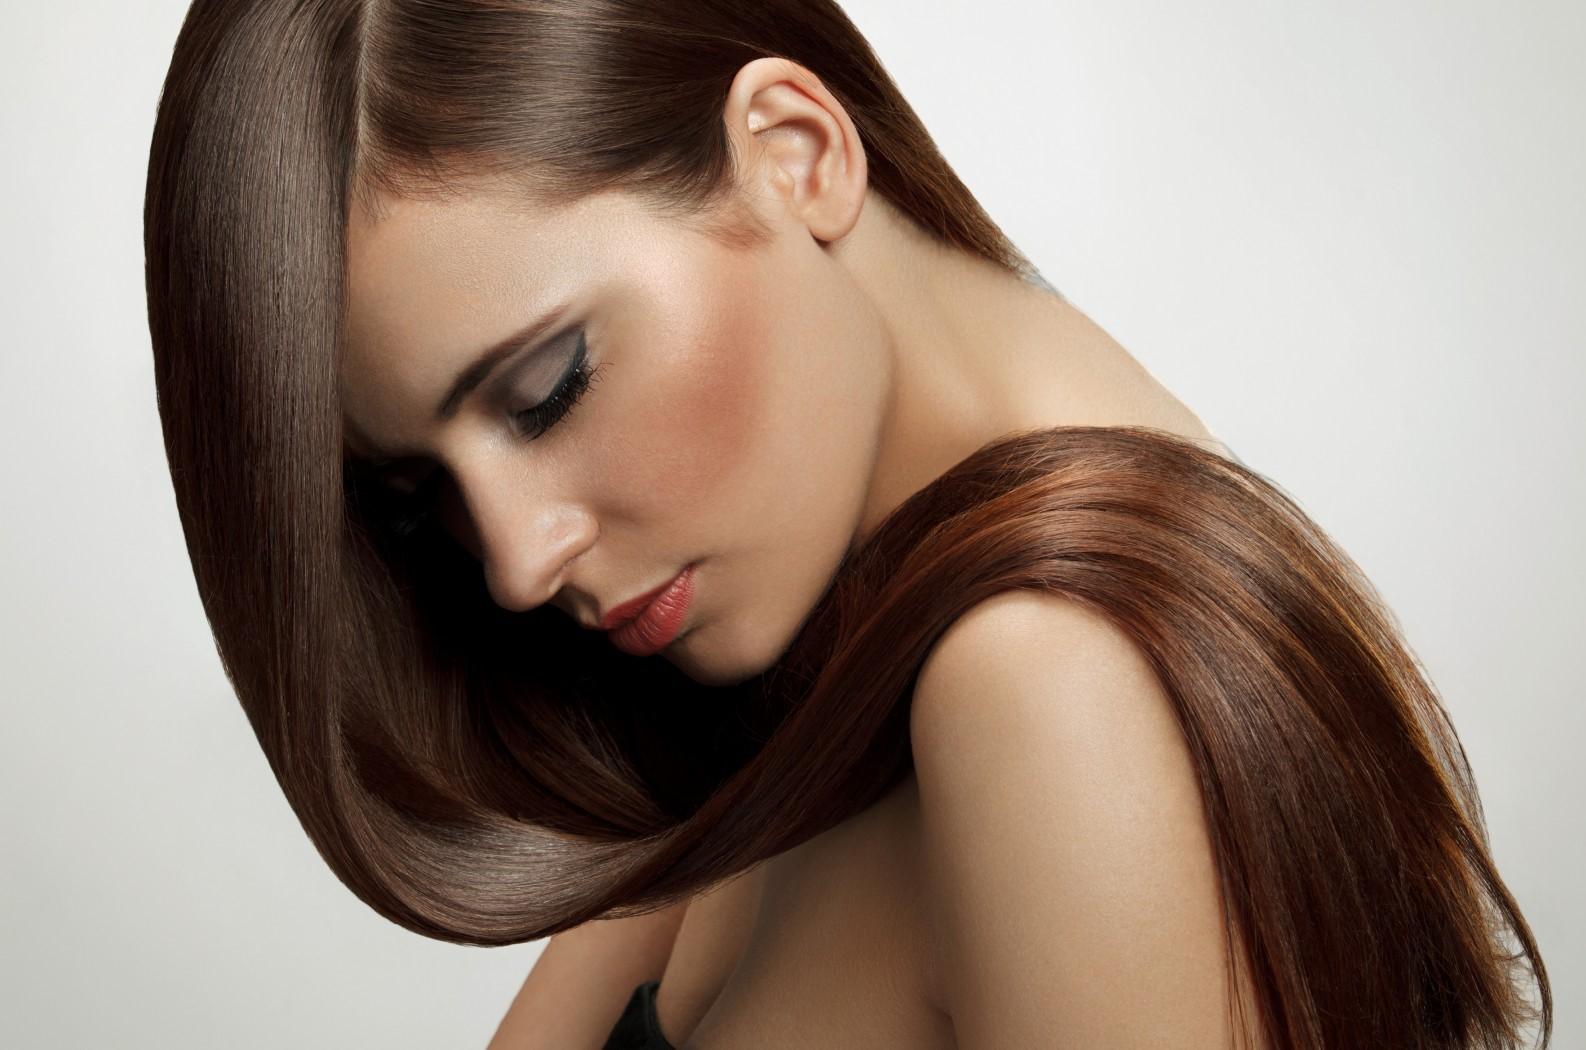 Масло жожоба для волос: применение, маски, полезные свойства